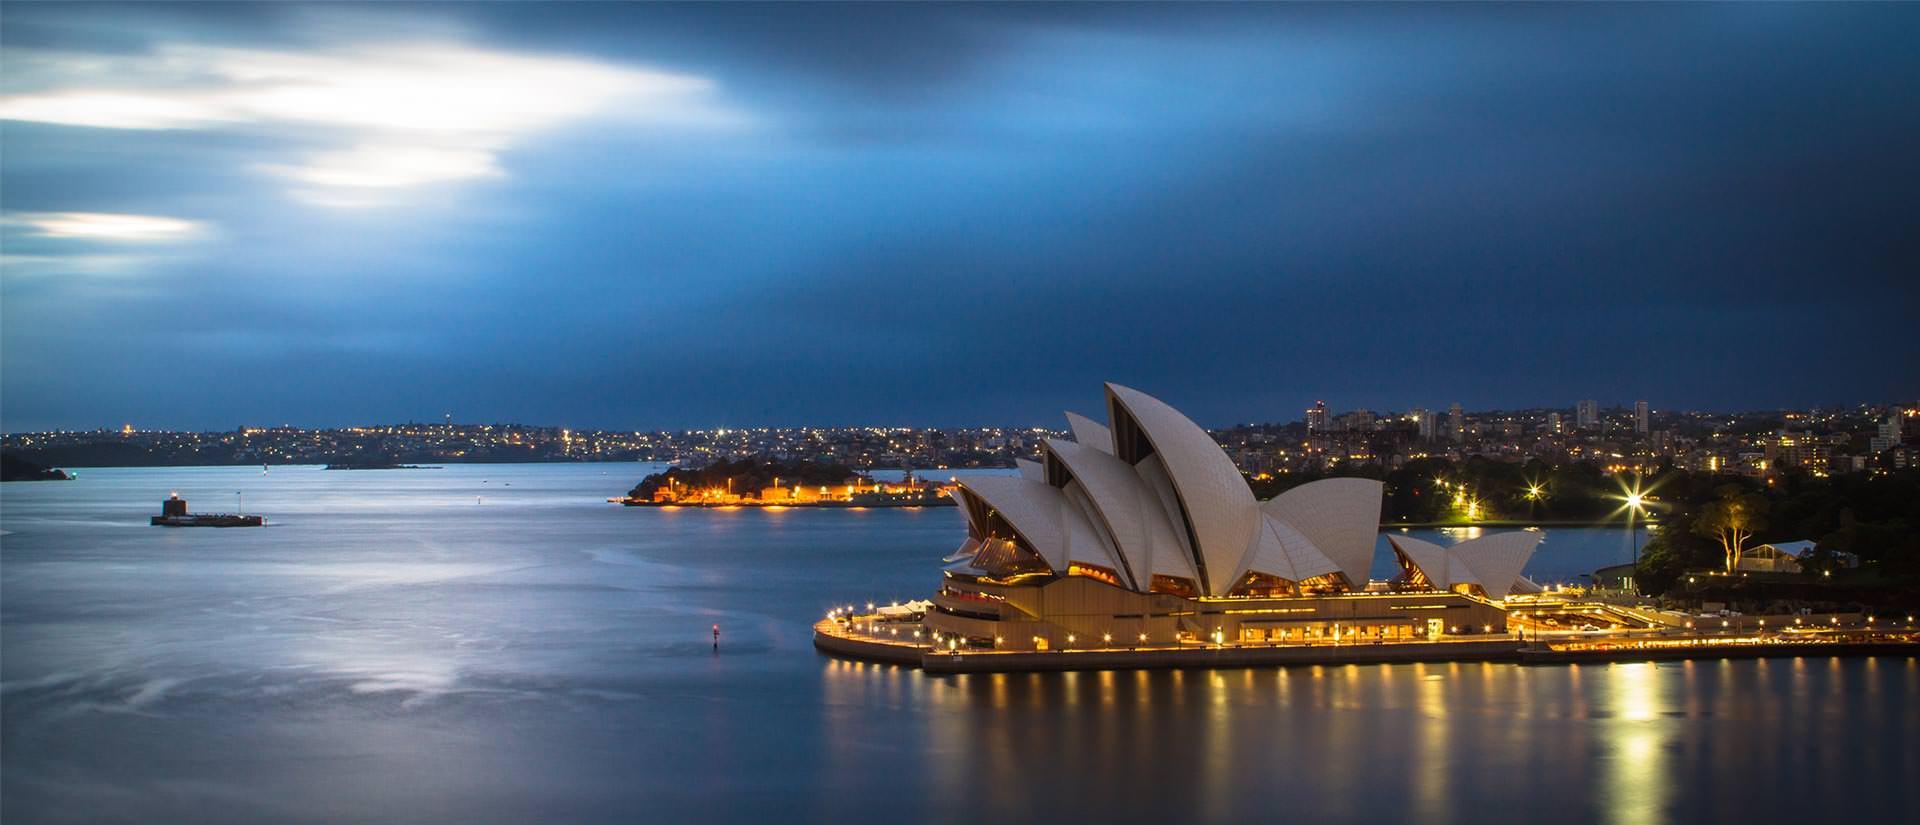 אתרים נבחרים באוסטרליה